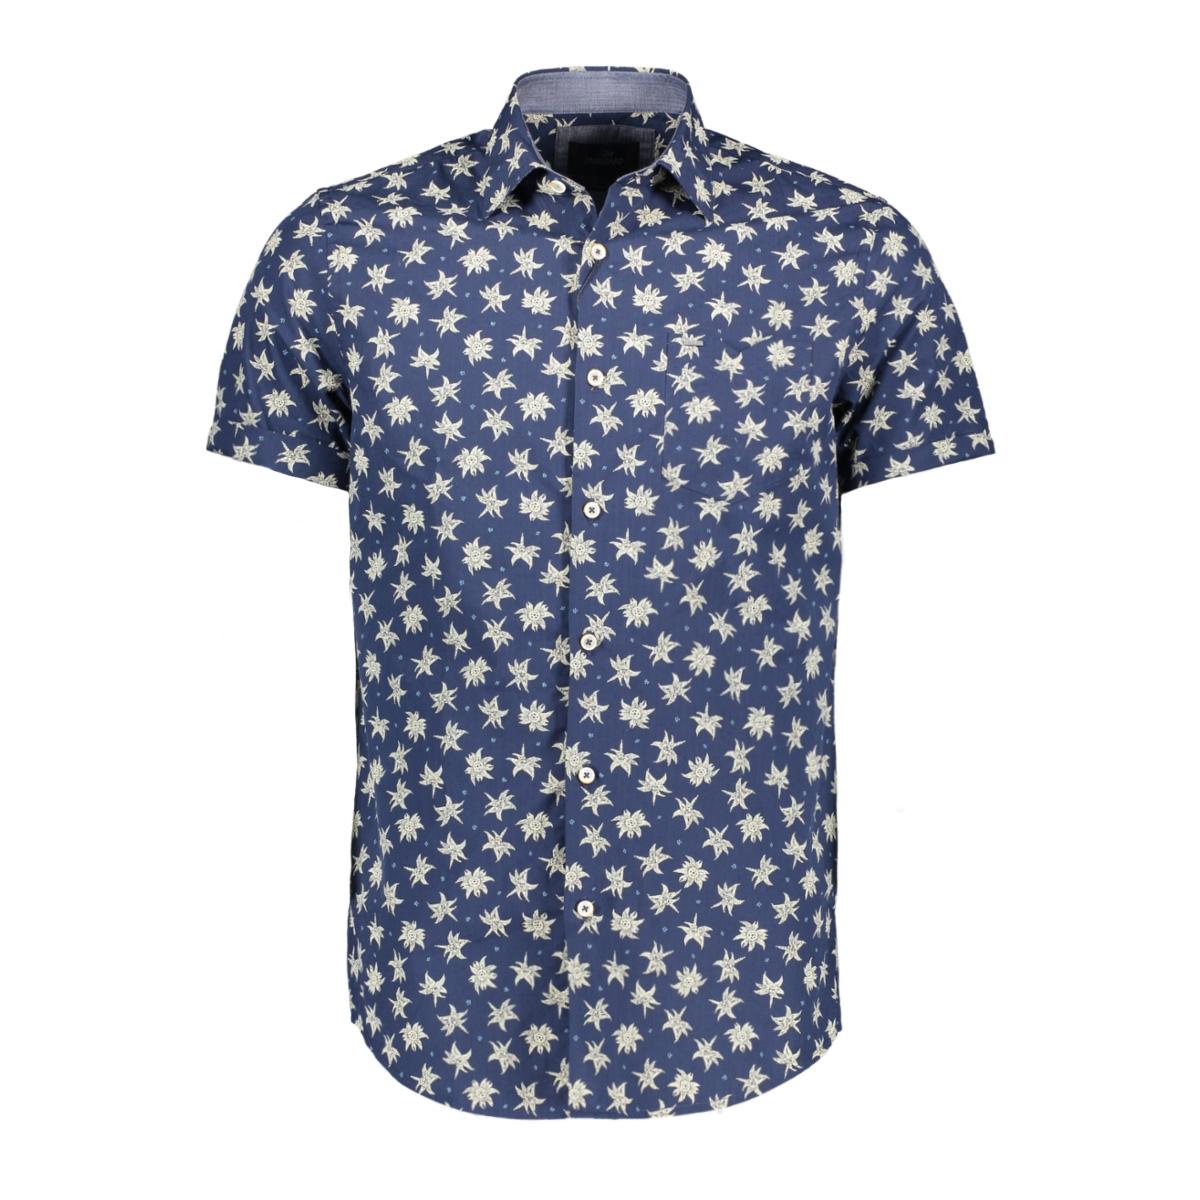 flower structure overhemd vsis193402 vanguard overhemd 5028